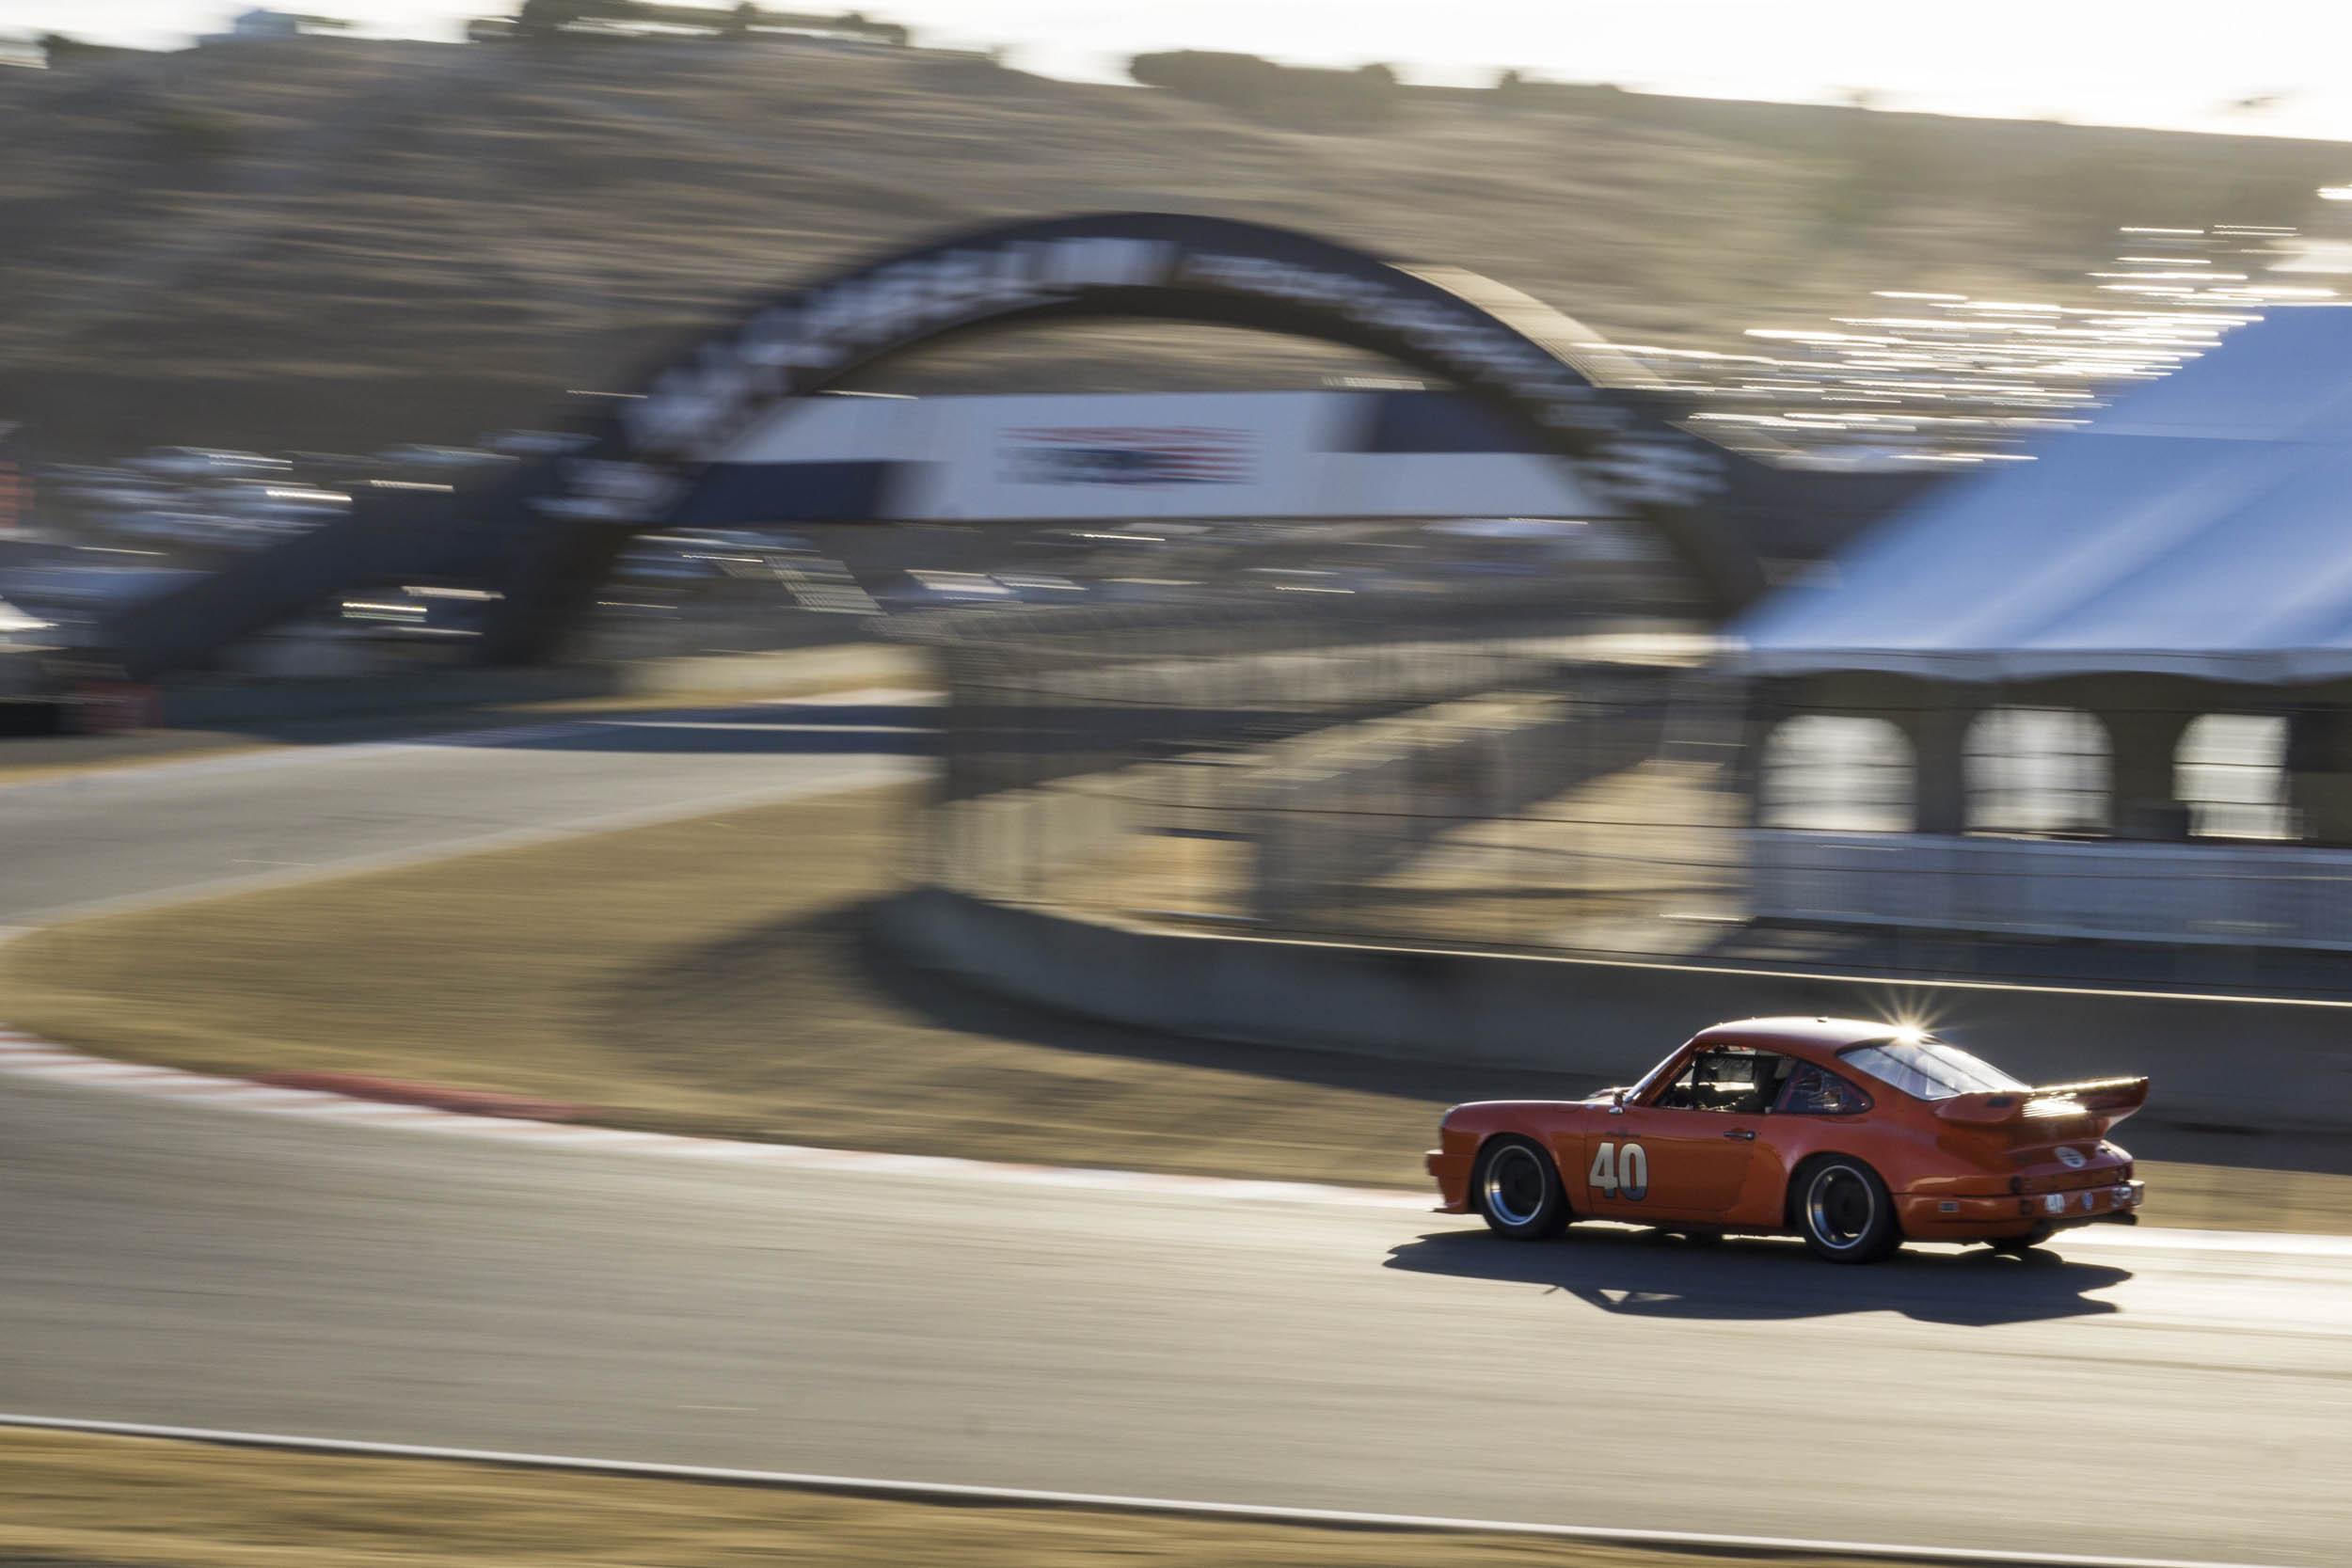 Bobby Singh's Porsche 911